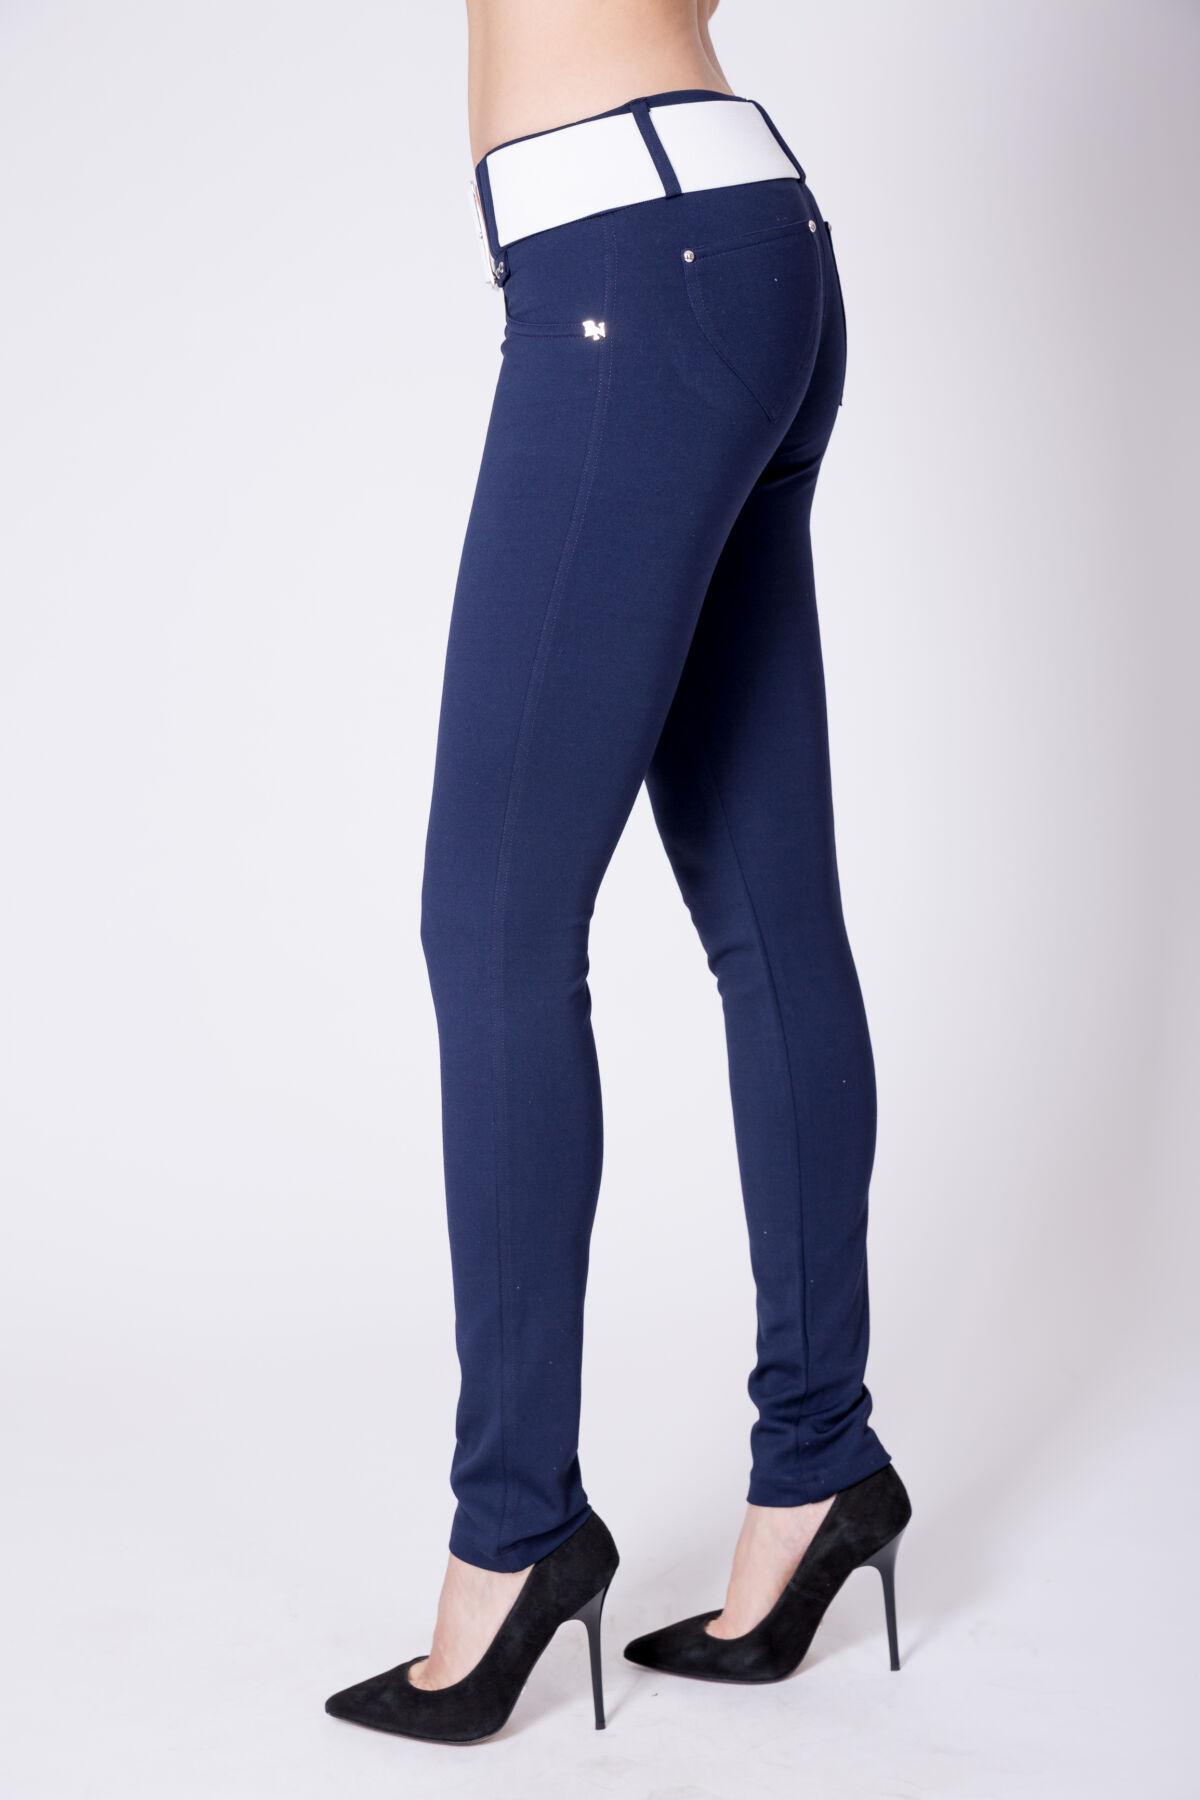 dc88b80d67 Öves puntó nadrág (elasztikus) - sötétkék - Nadrágok, szoknyák ...